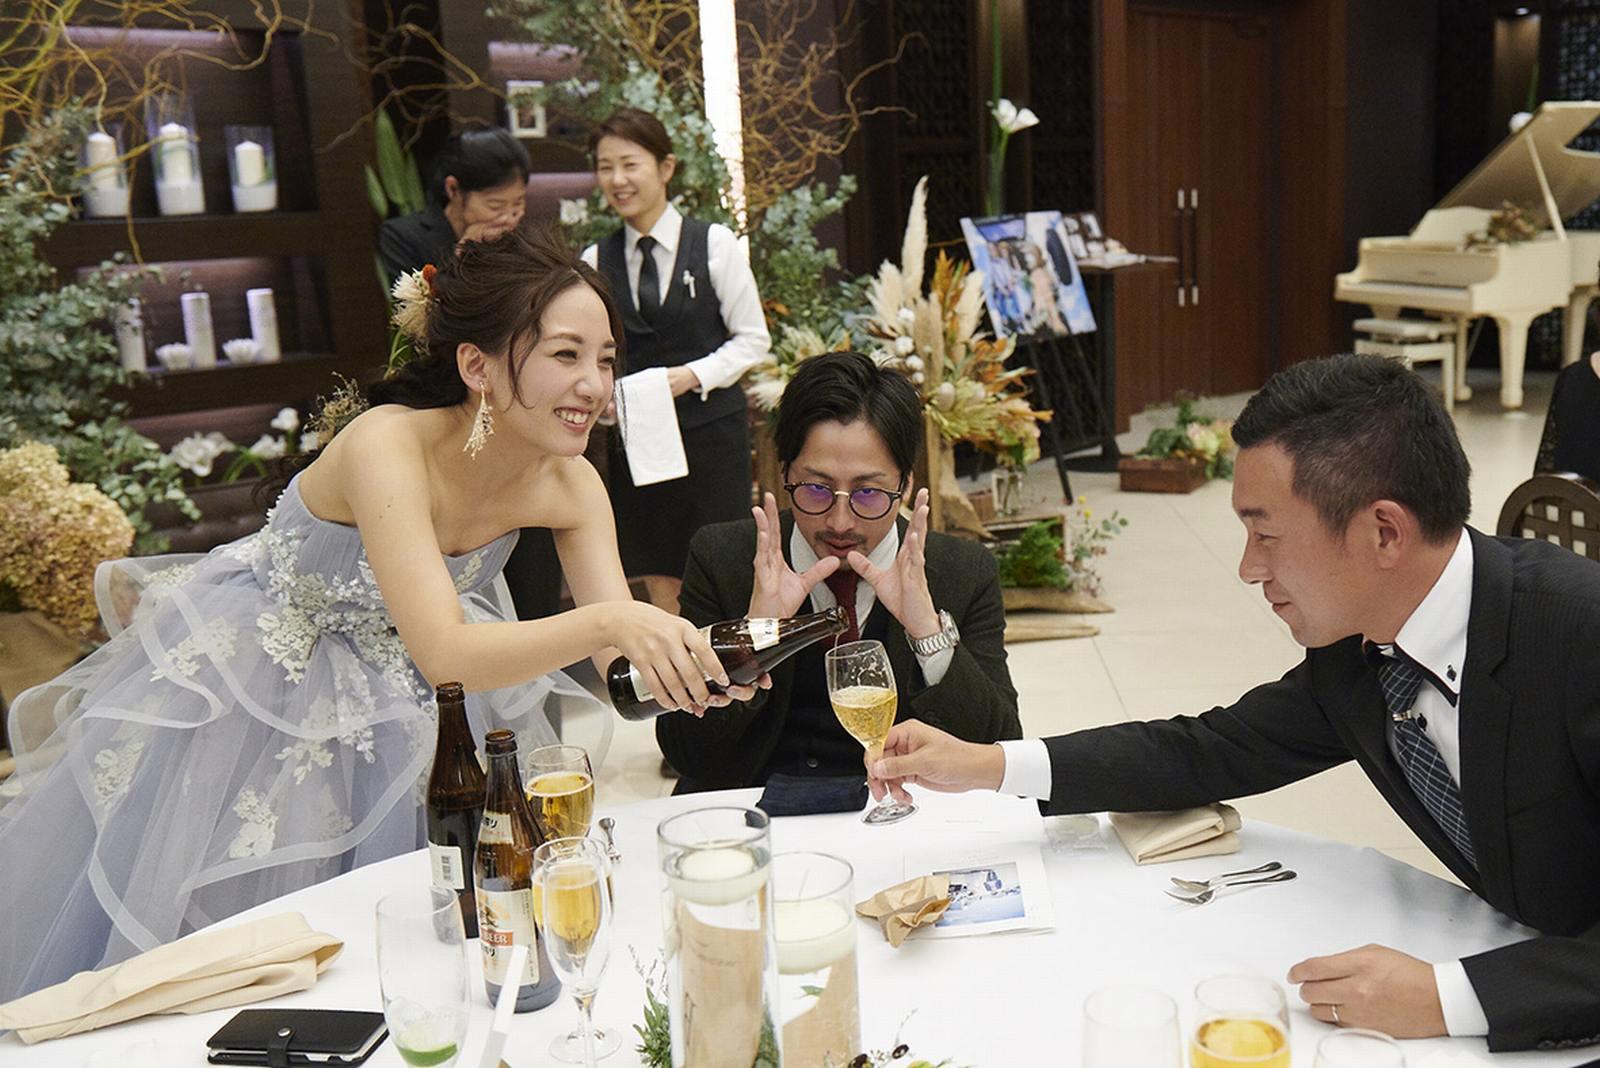 徳島県の結婚式場ブランアンジュでゲストにお酌をする新婦